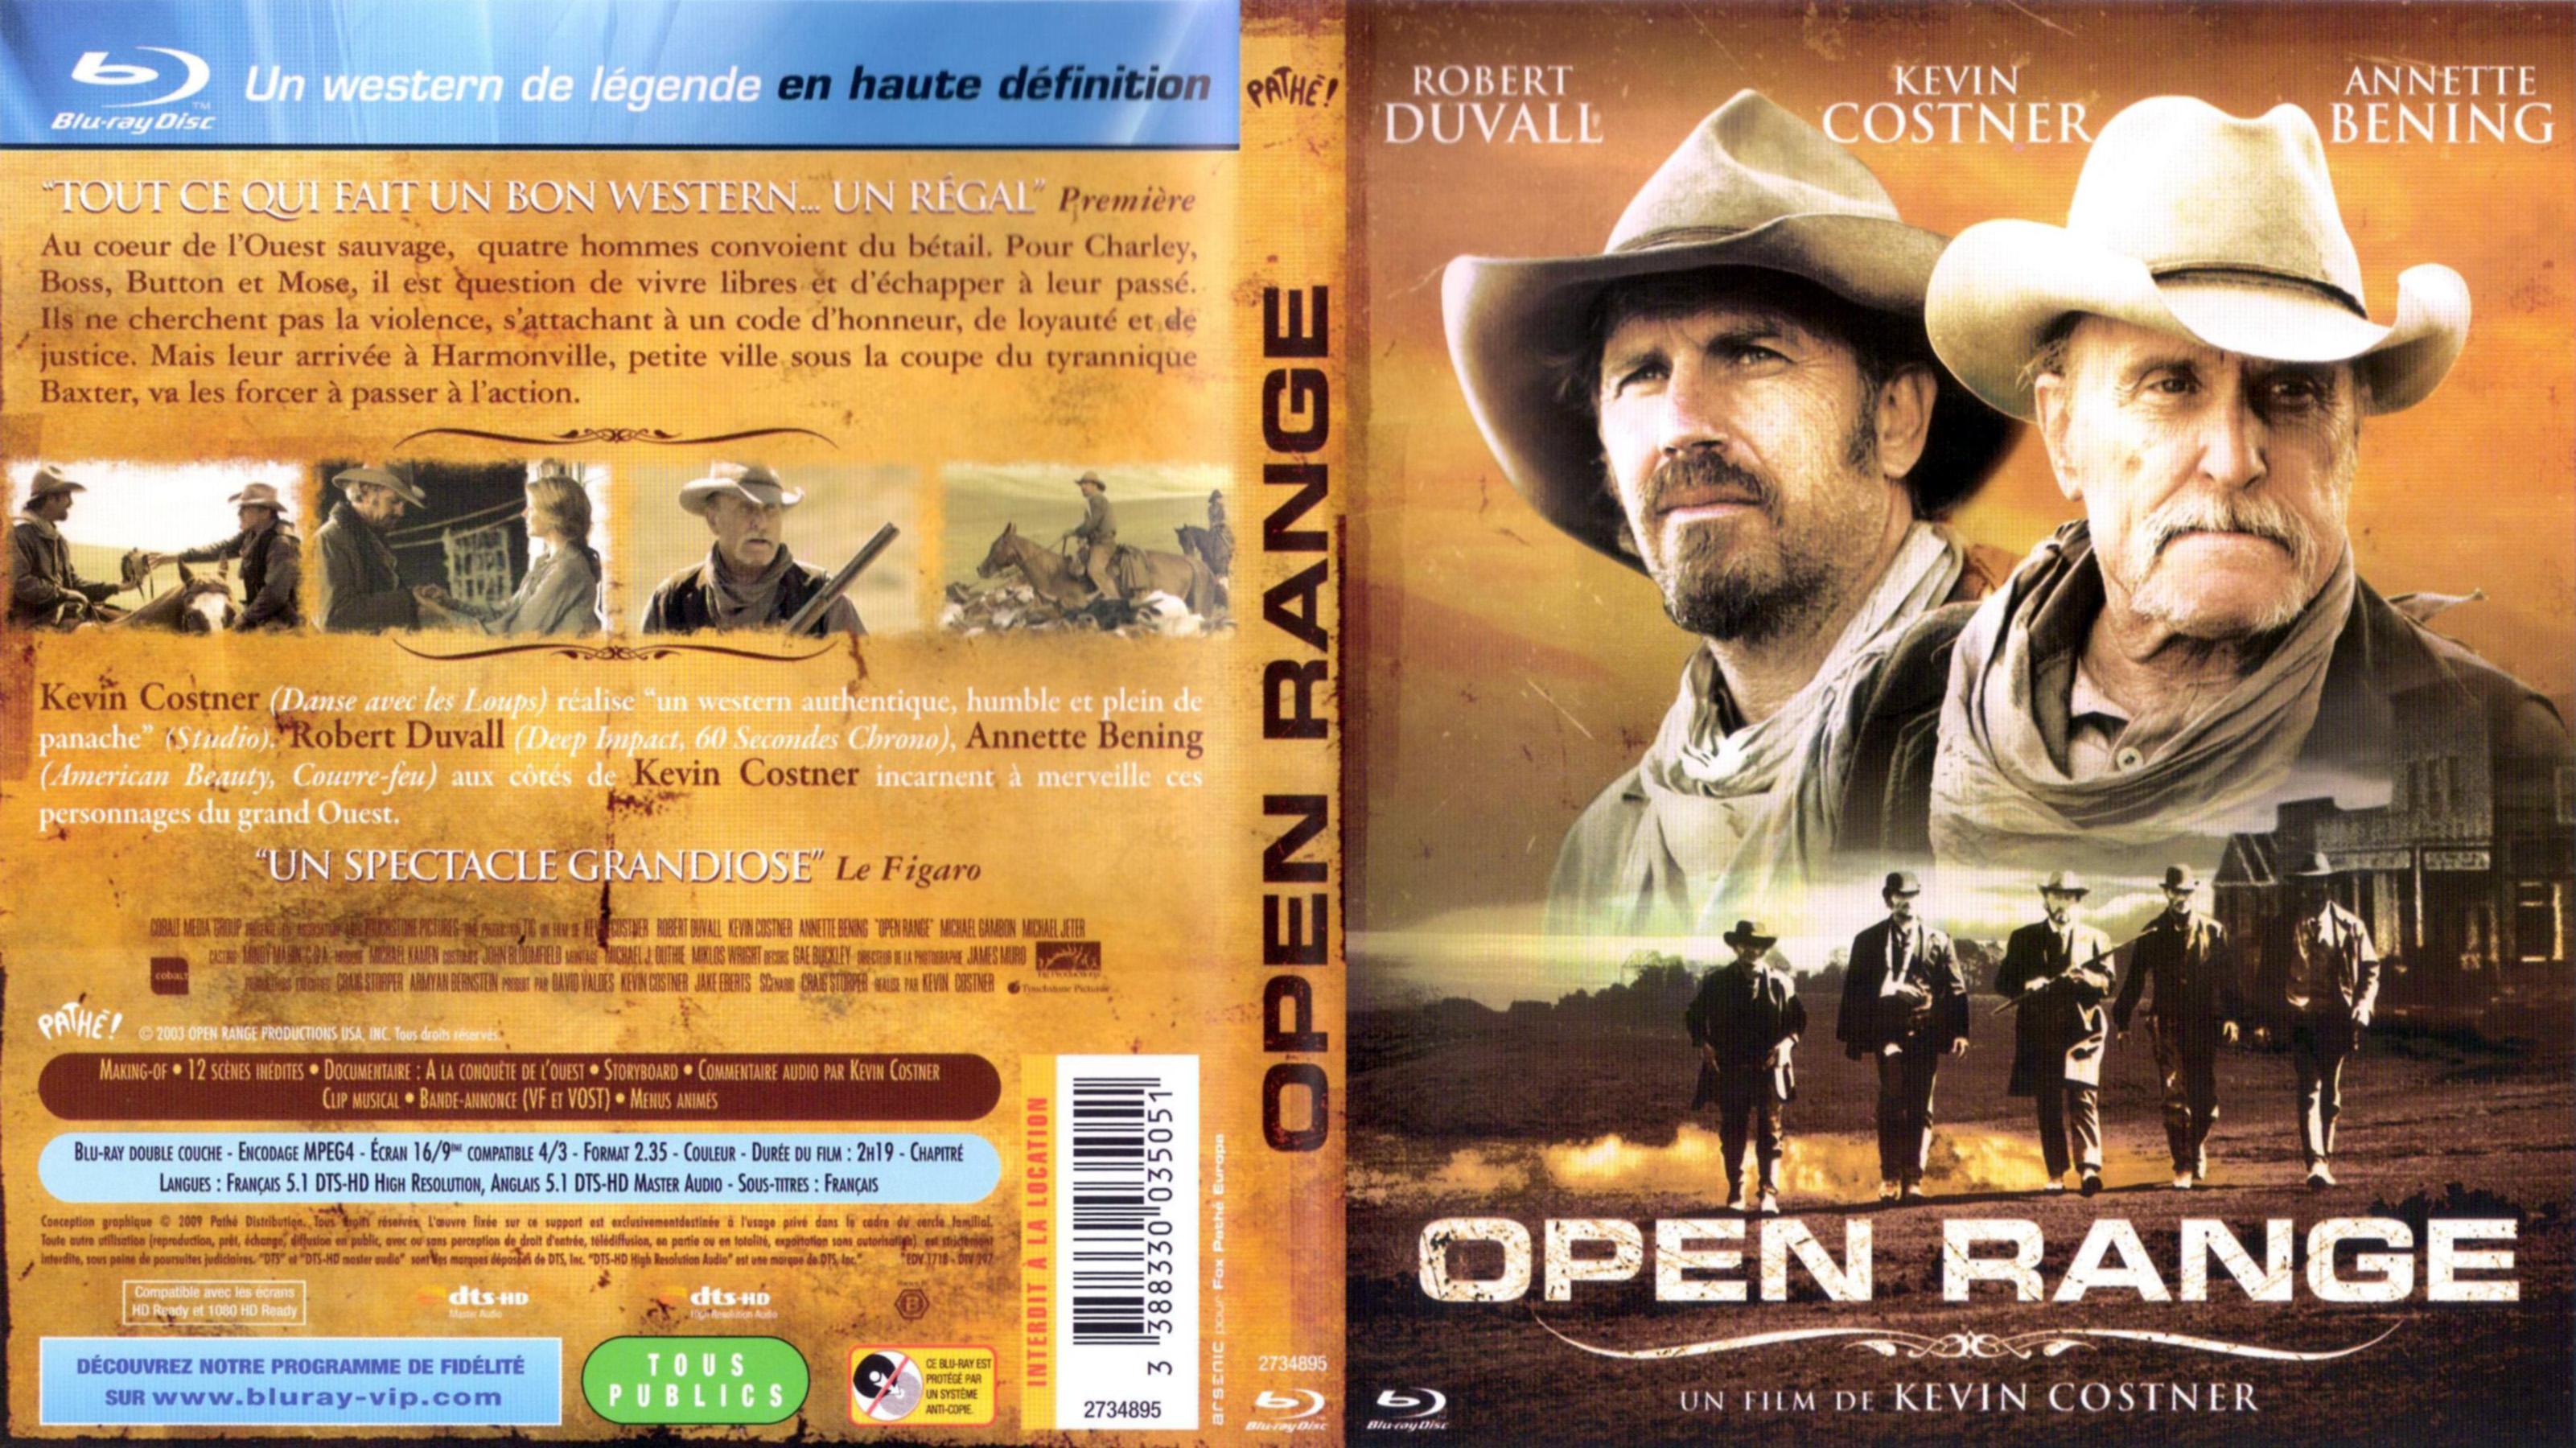 Le tournage homérique d'Open Range de Kevin Costner